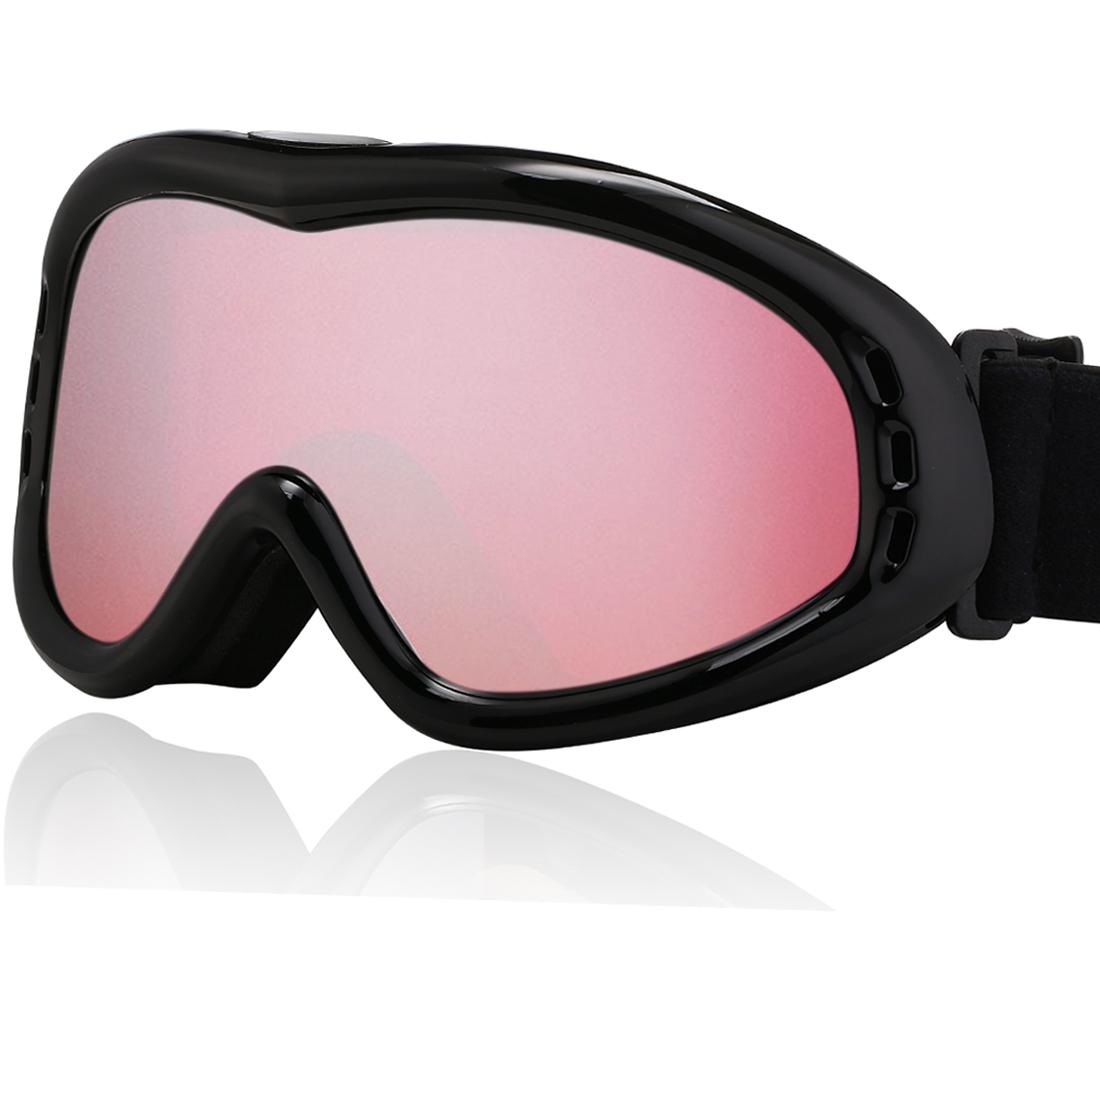 Uxcell Ski Glasses Snowboard Goggles UV400 Protect Anti-fog YH632 Vermillon